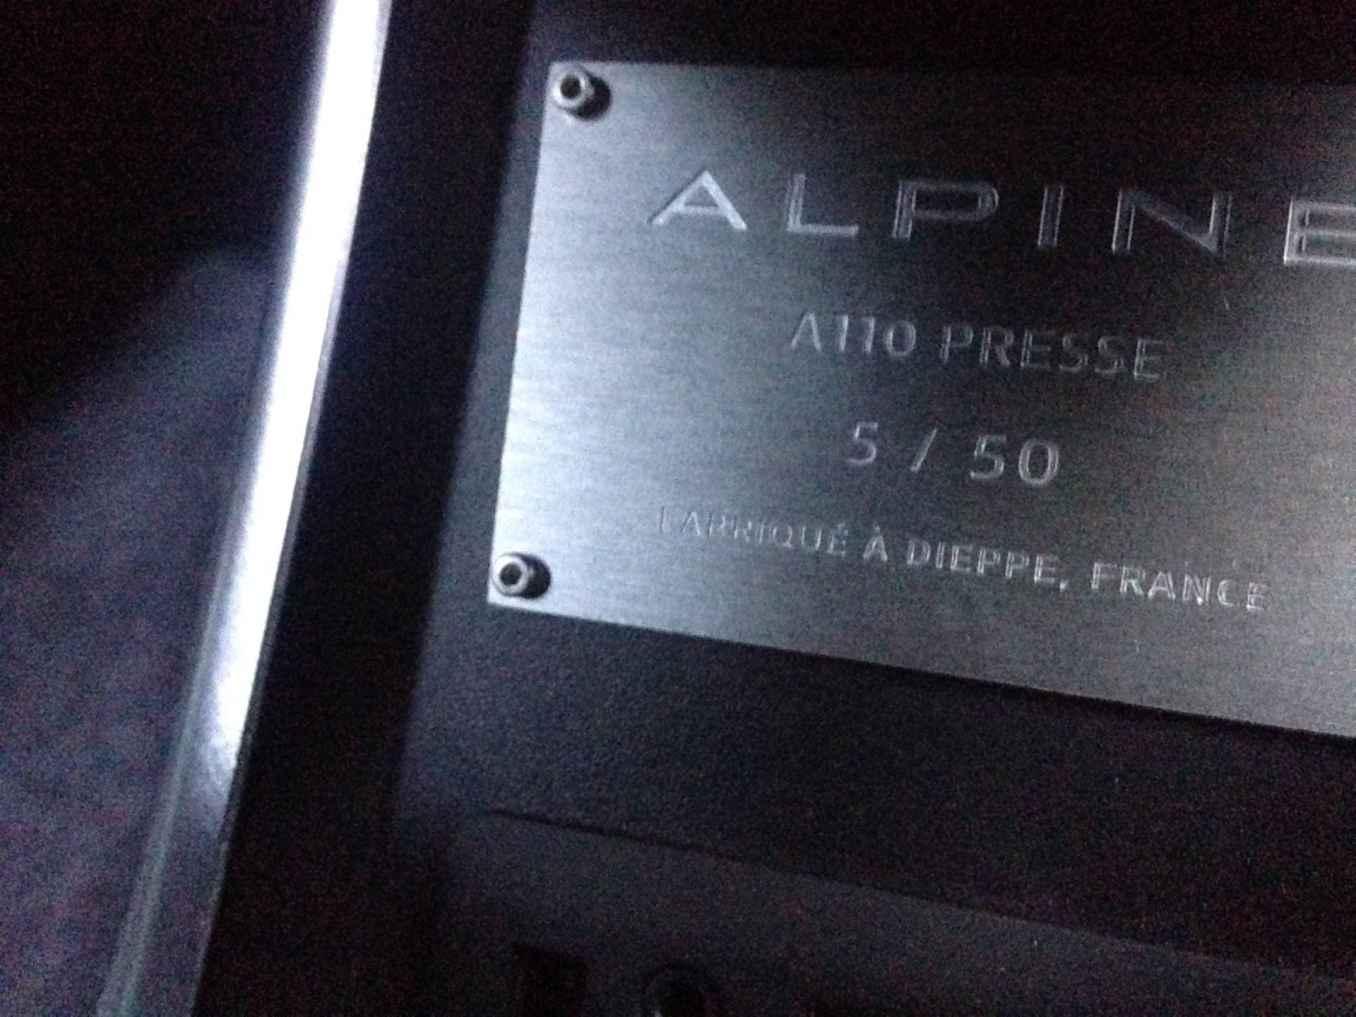 Alpine A110 Essais Presse International 2   Les essais presse débutent pour l'Alpine A110 !